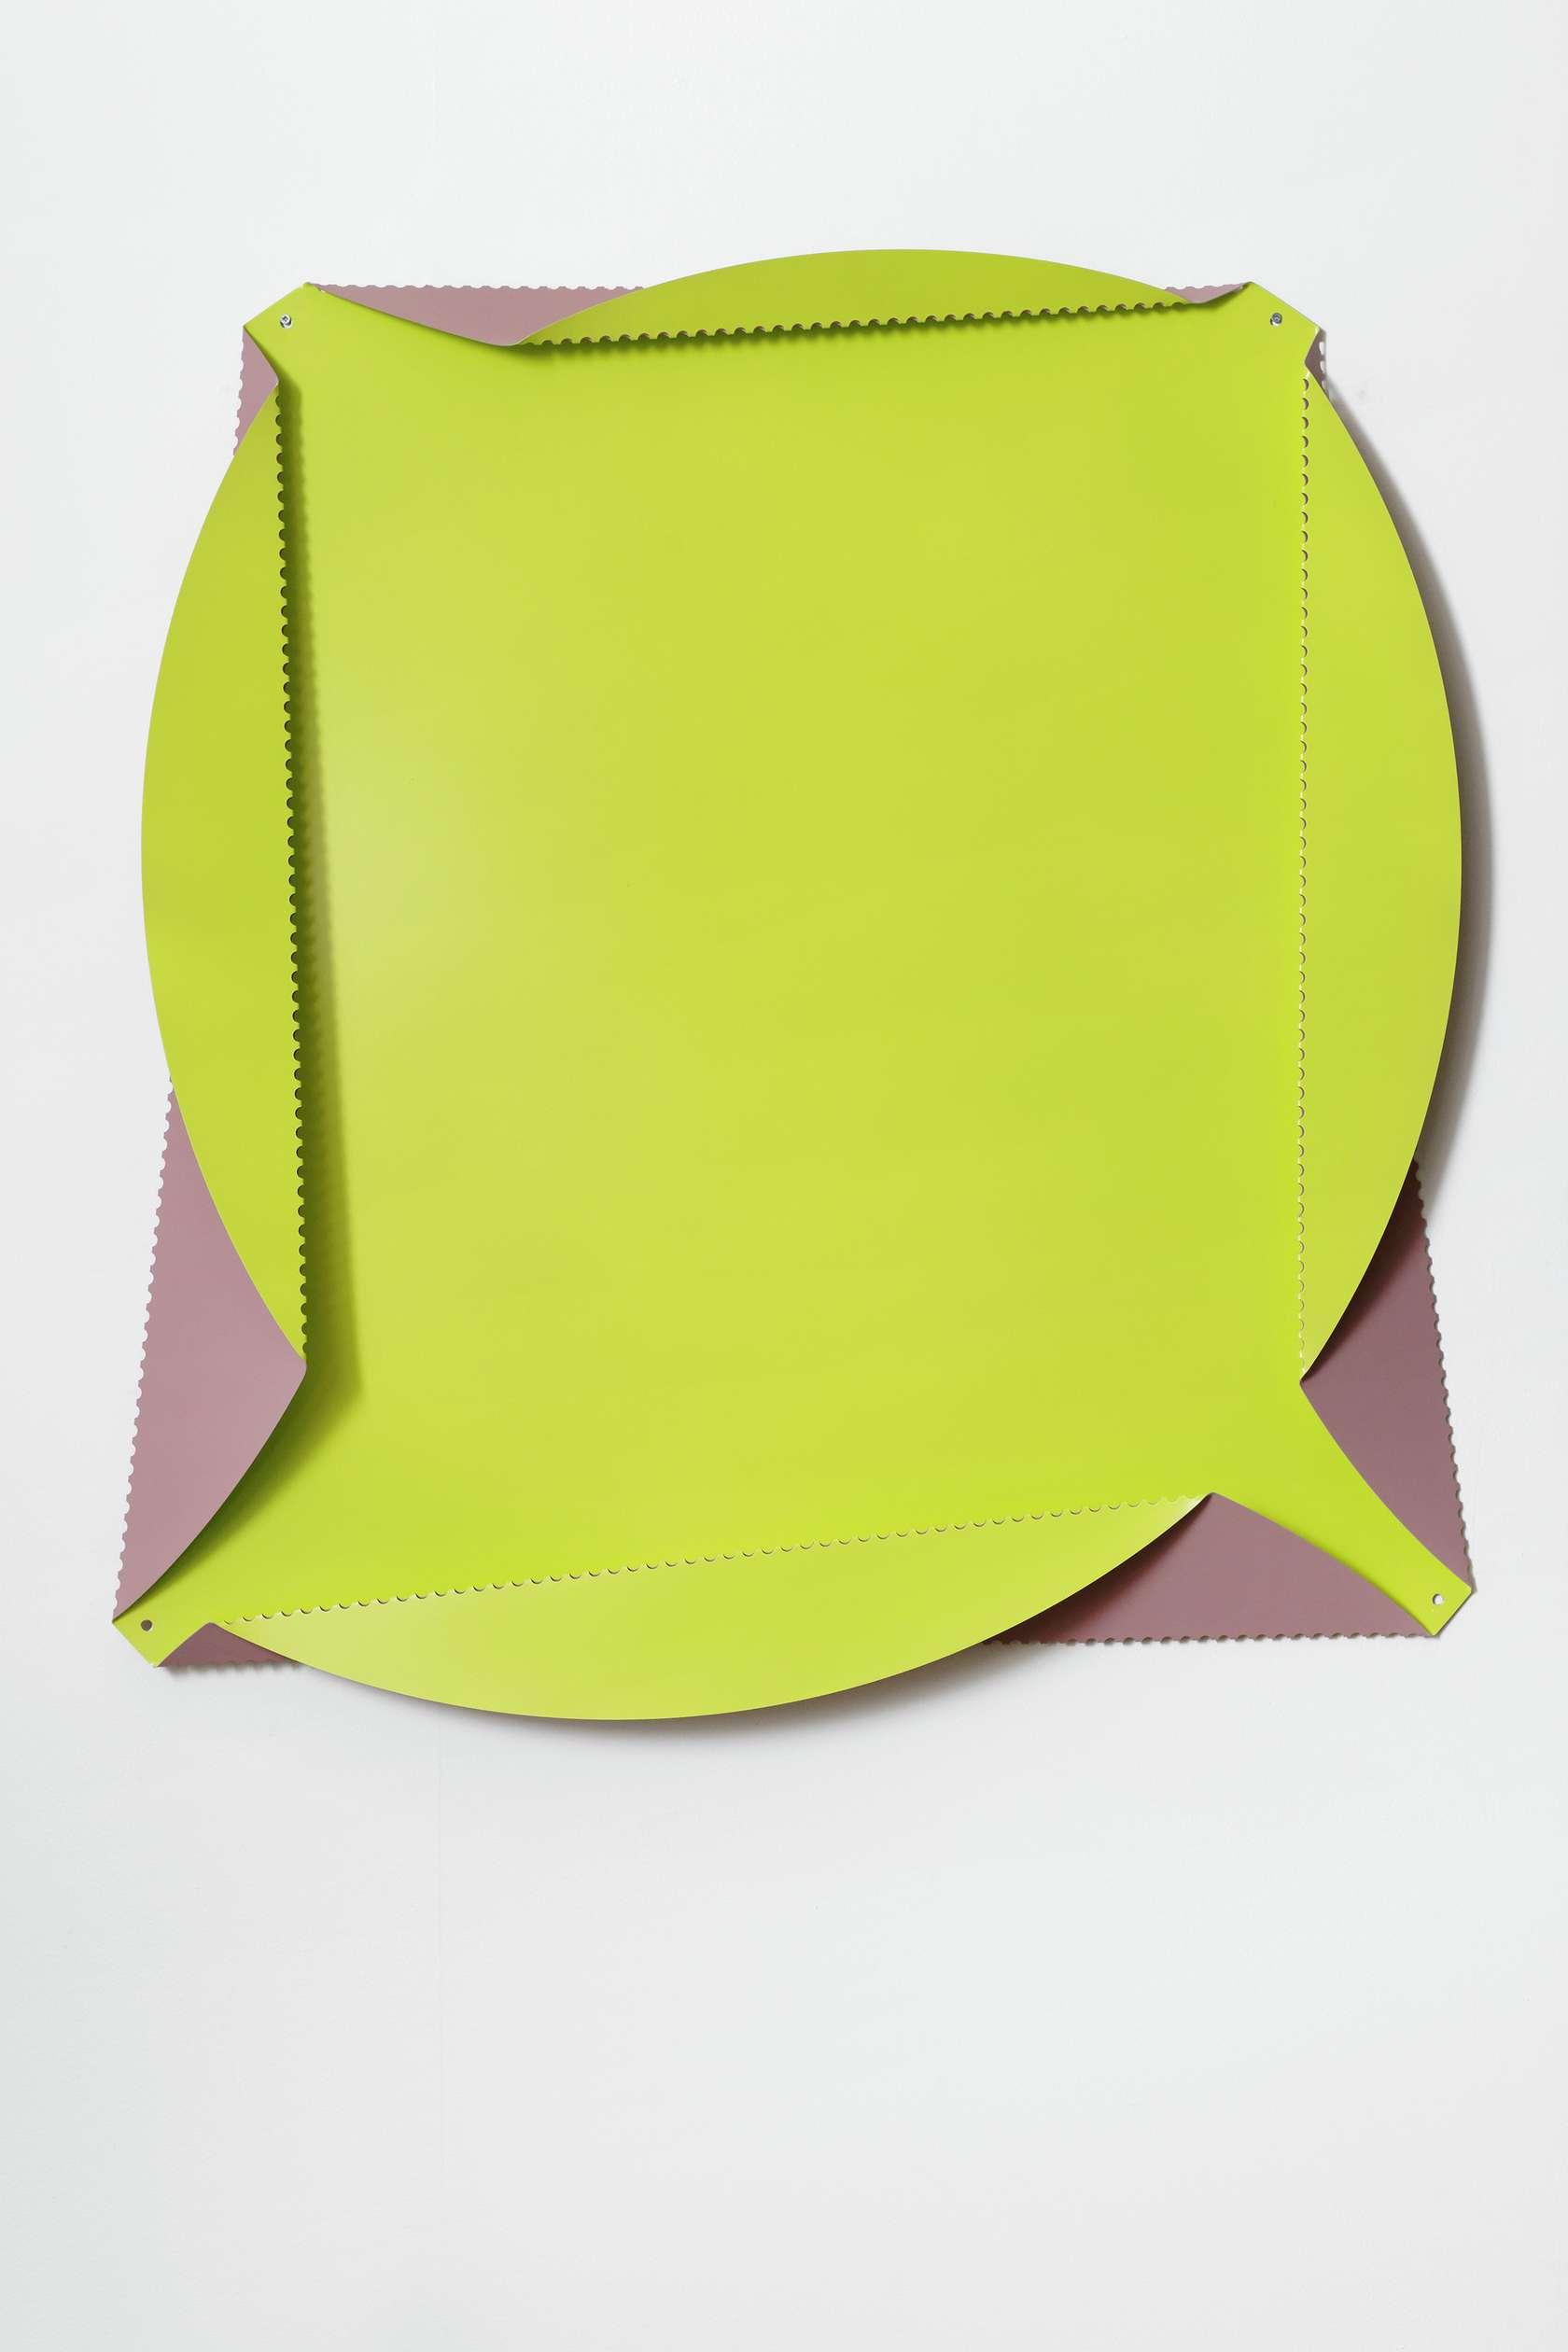 Beat Zoderer, Quadratur des Kreises, 2013 Acrylique sur aluminium perforé et plié125 cm / 49 2/8 inches